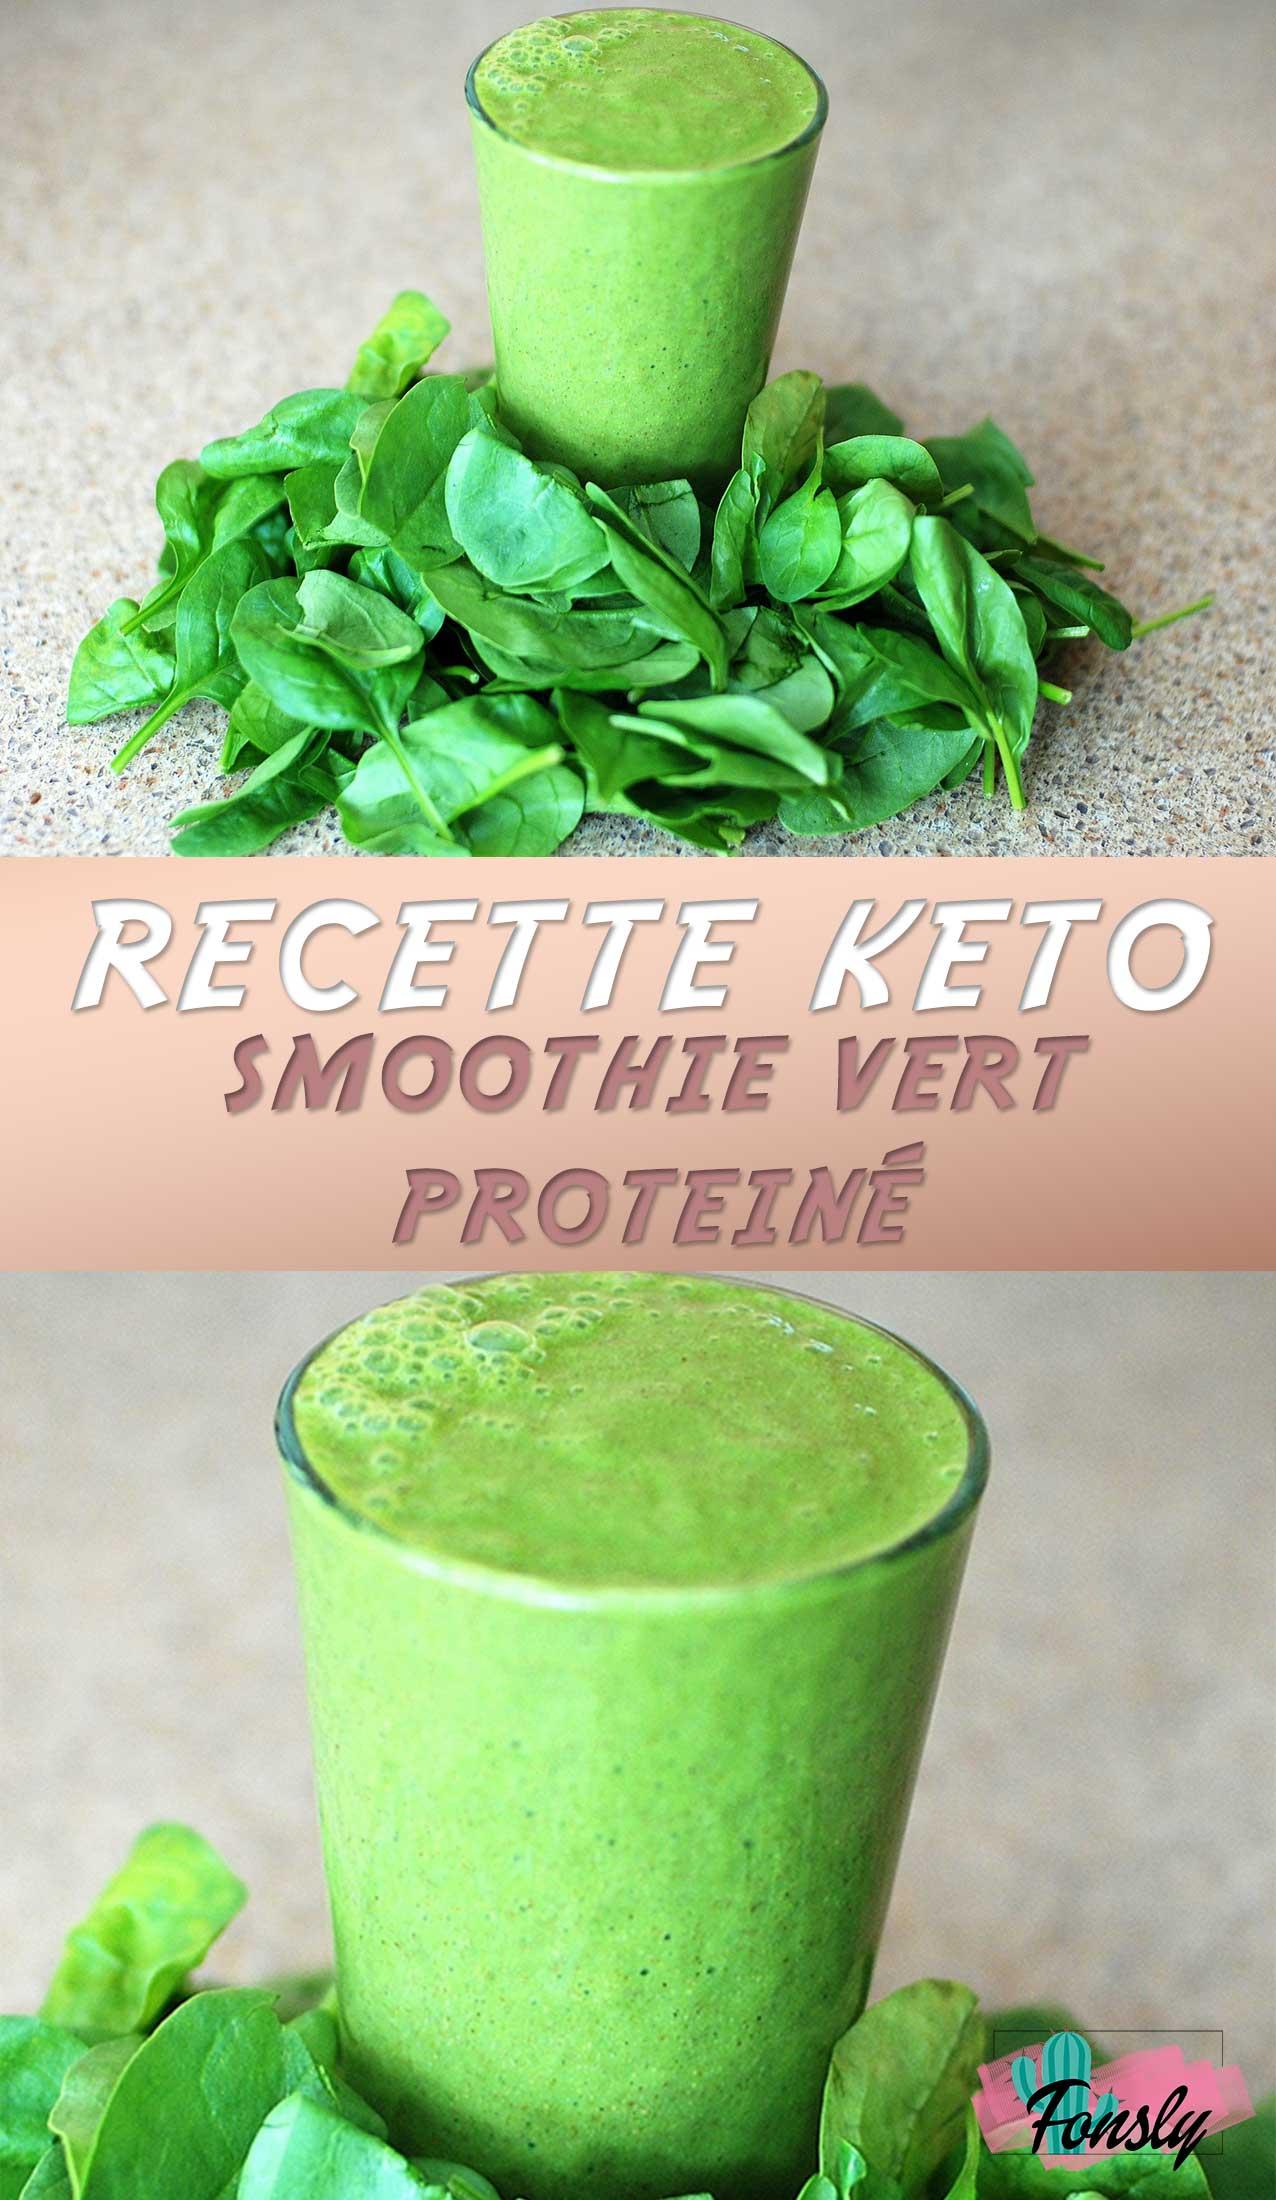 recette cétogène, smoothie santé, recette verte